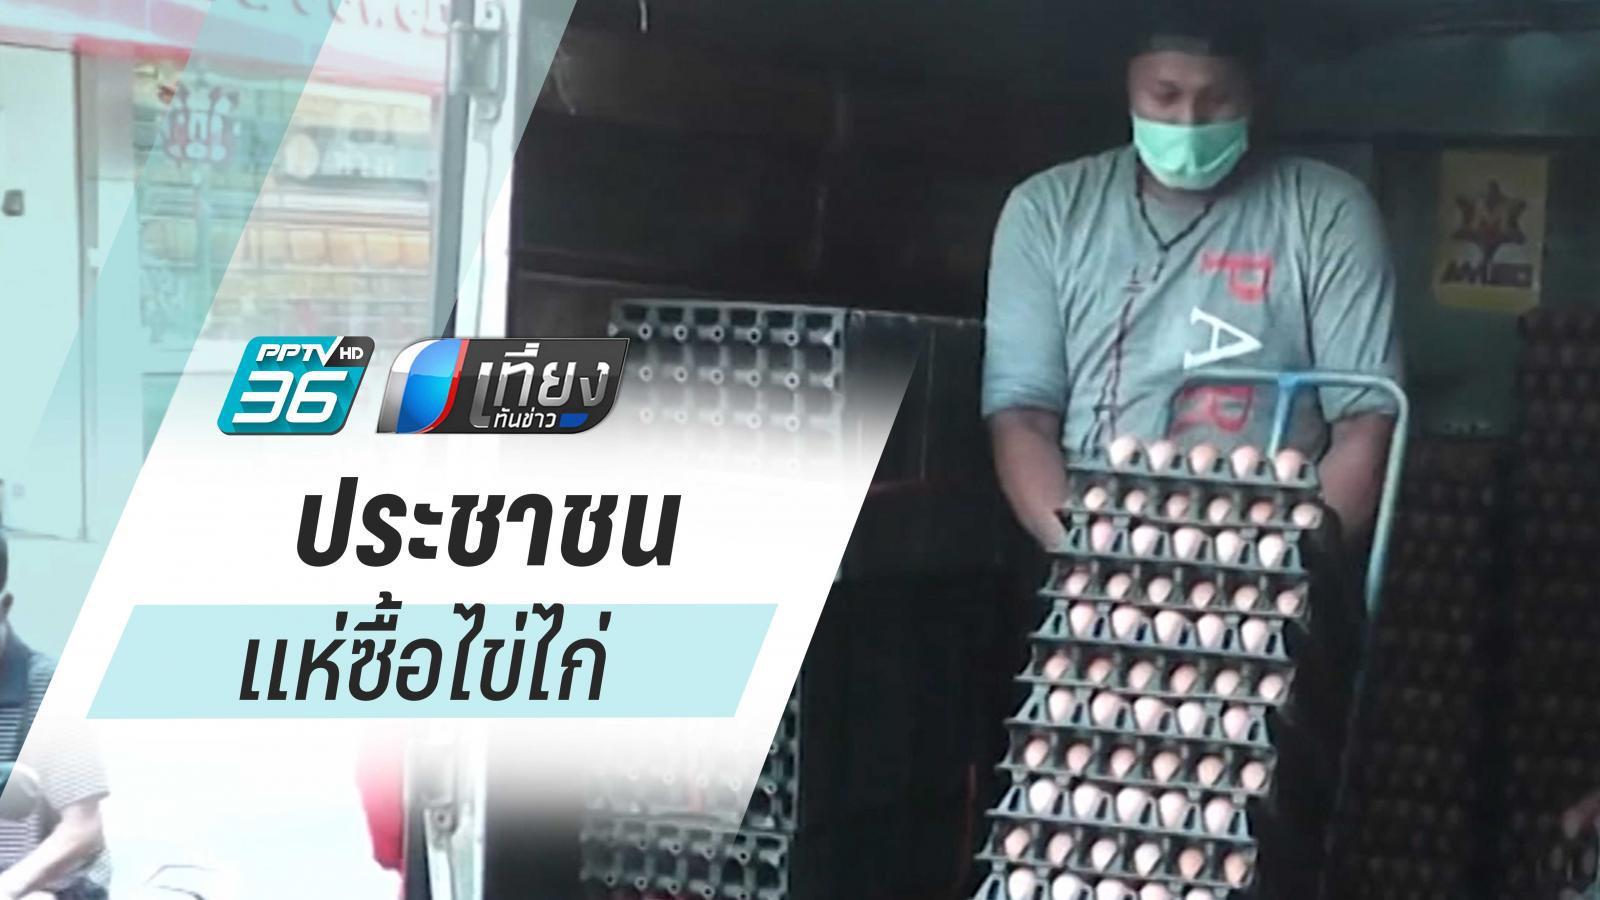 พิจิตร-เชียงราย ประชาชนแห่ซื้อไข่ไก่เกลี้ยงแผงแม้ราคาพุ่ง